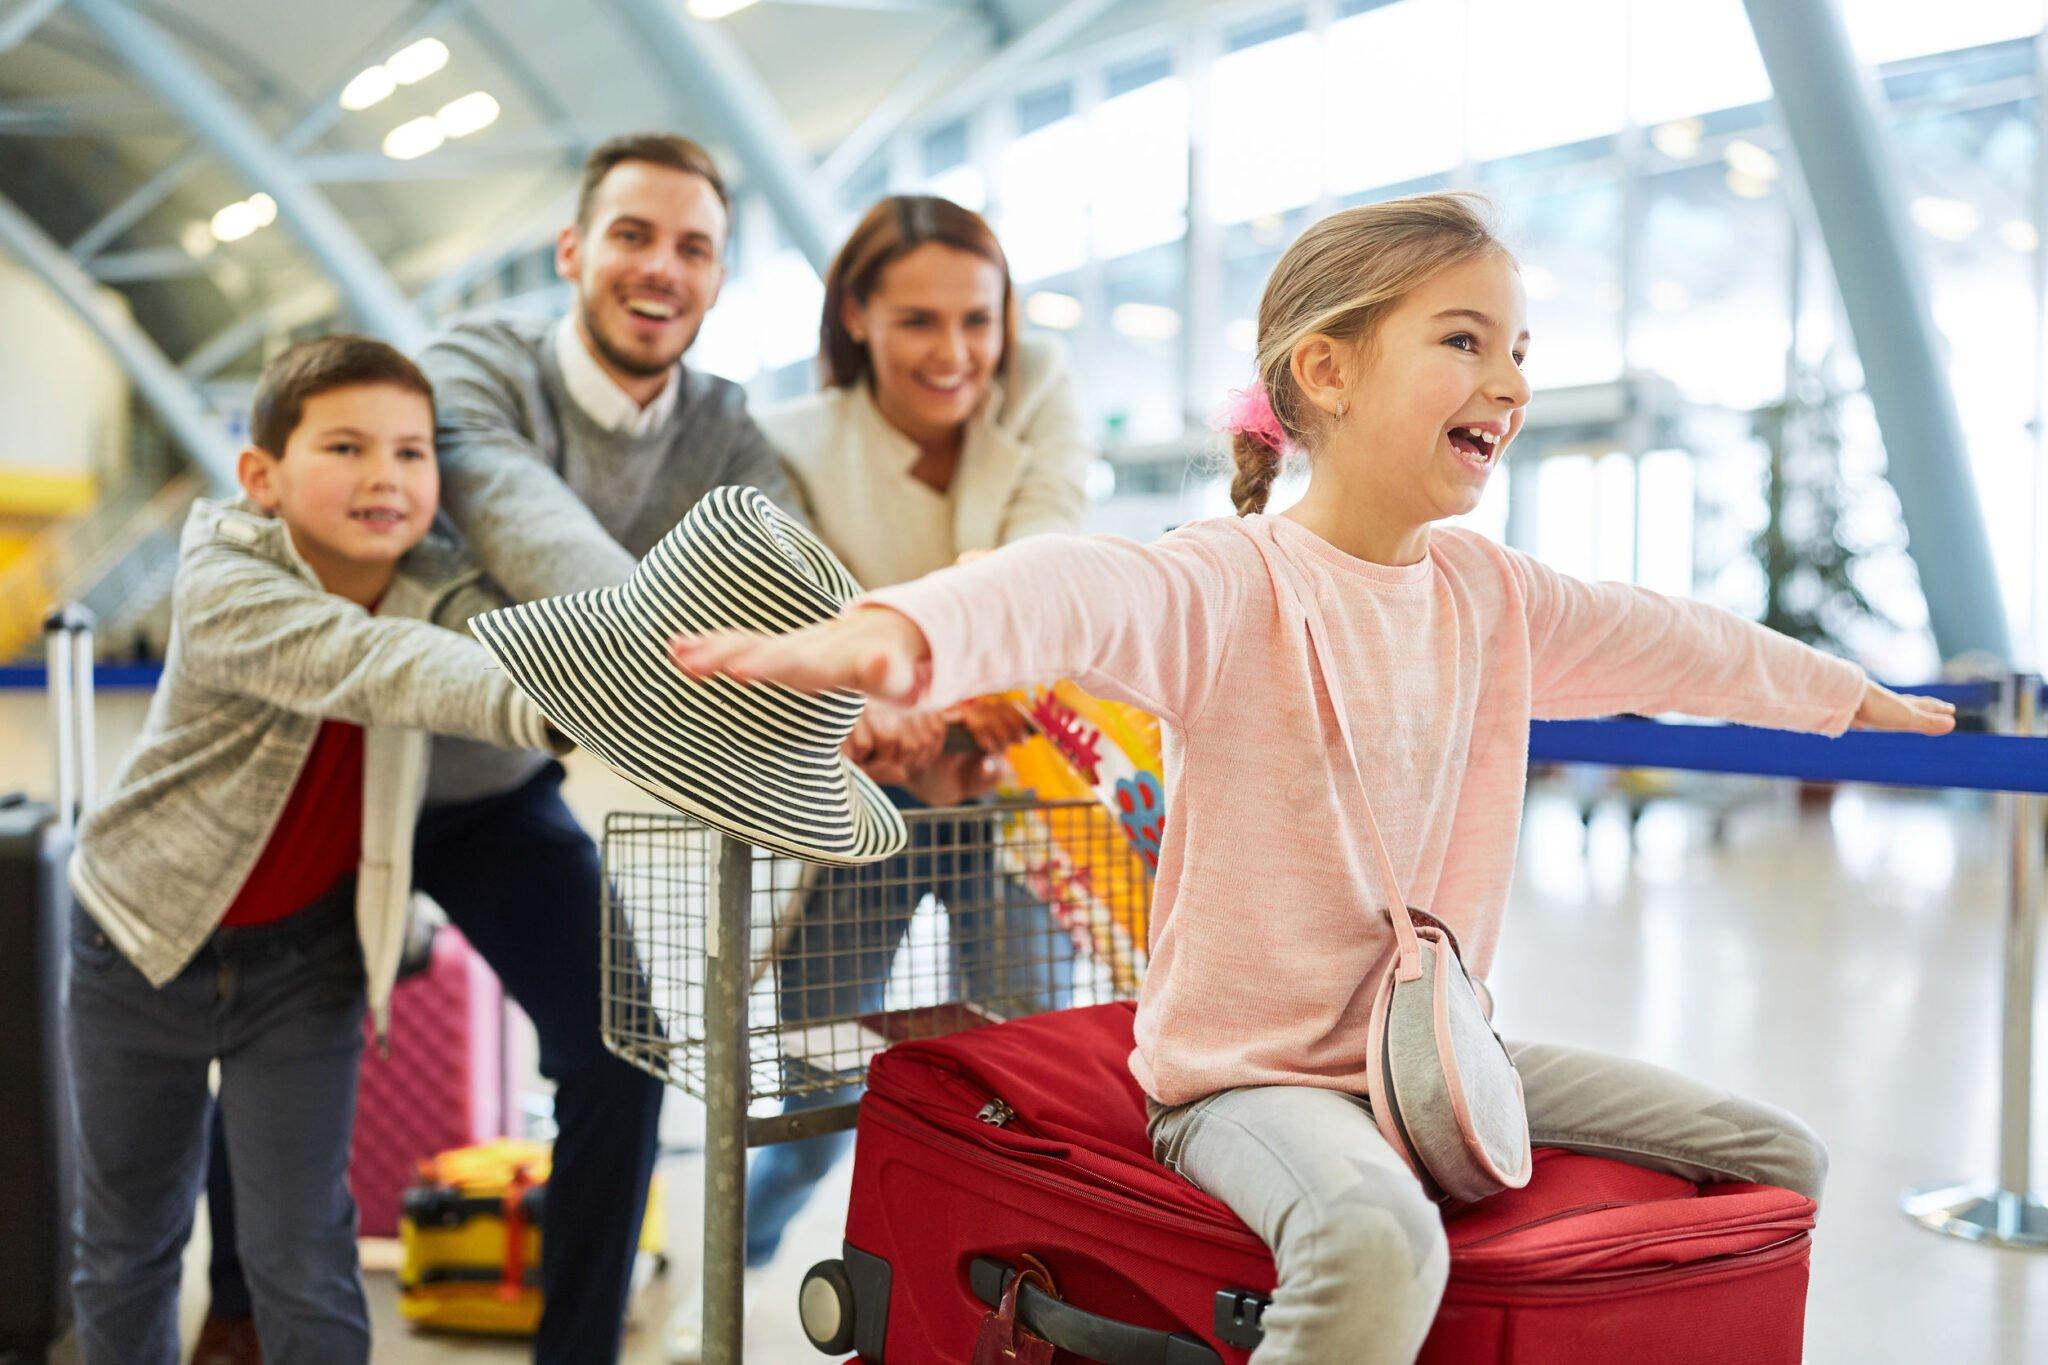 10x waaraan je ziet dat je kind zich ontwikkelt door de vakantie - Mamaliefde.nl